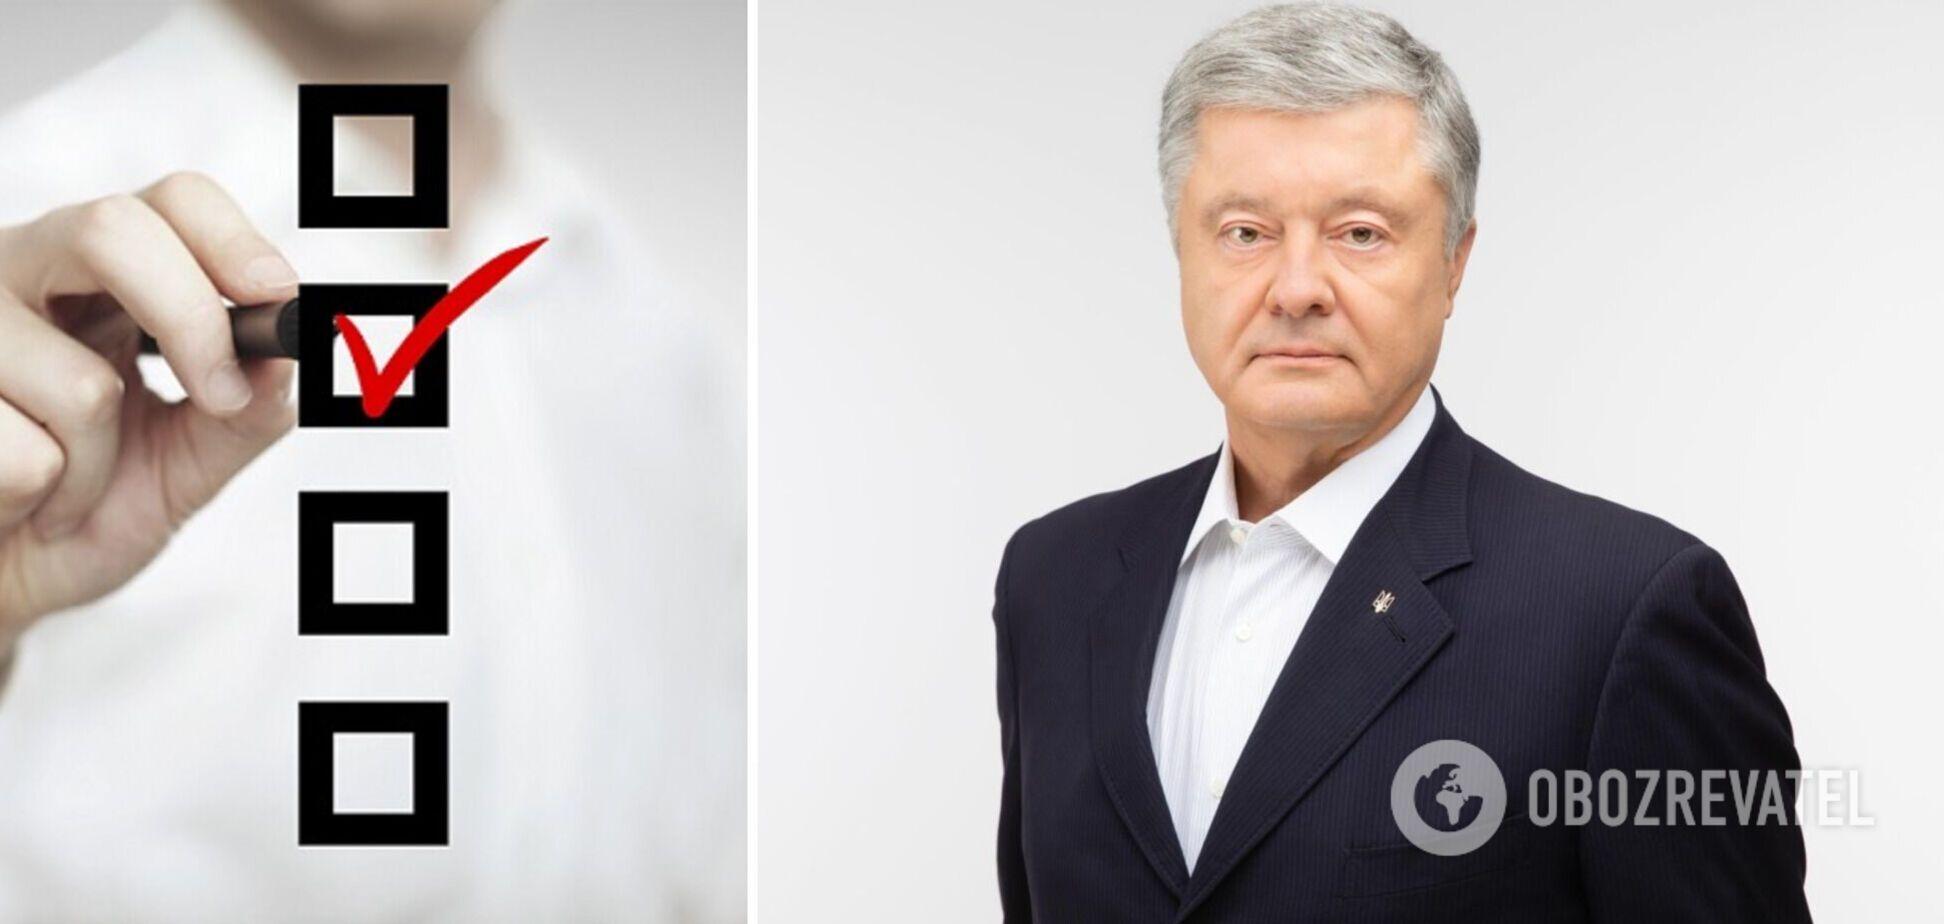 Партія Порошенка опинилася у лідерах рейтингу політсил – опитування